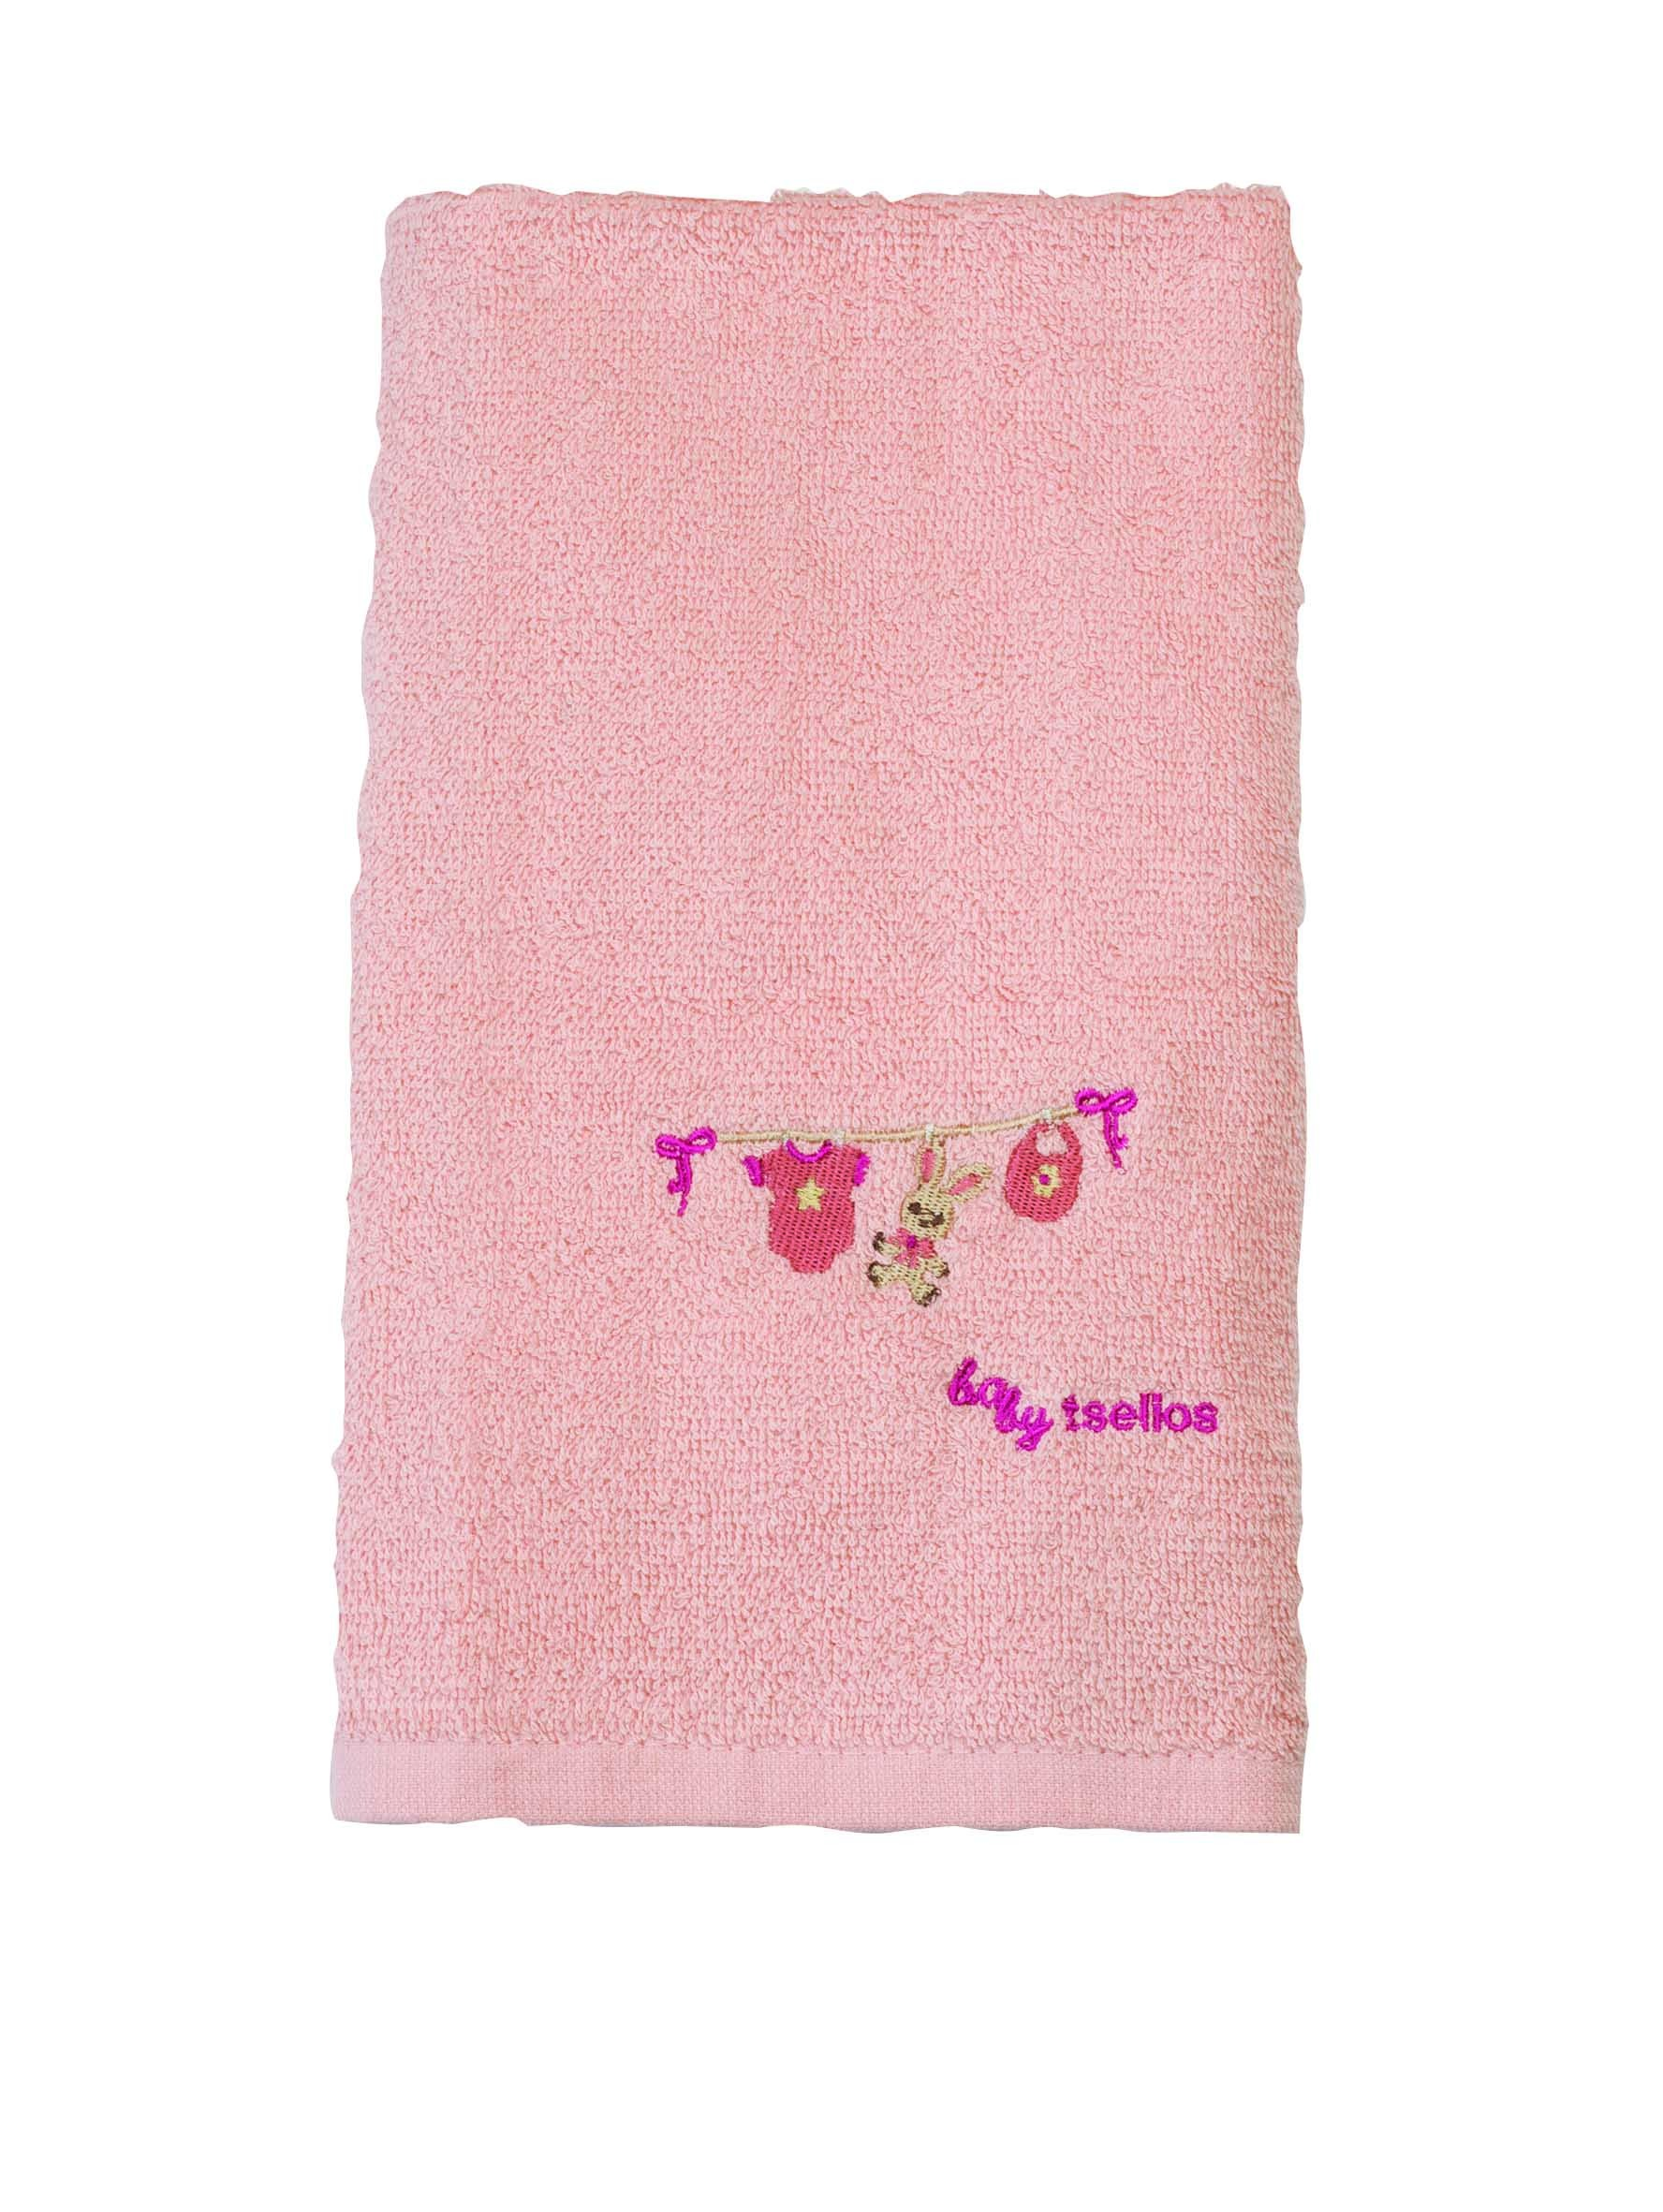 Βρεφικές Πετσέτες (Σετ 2τμχ) Makis Tselios Baby Clothes Pink